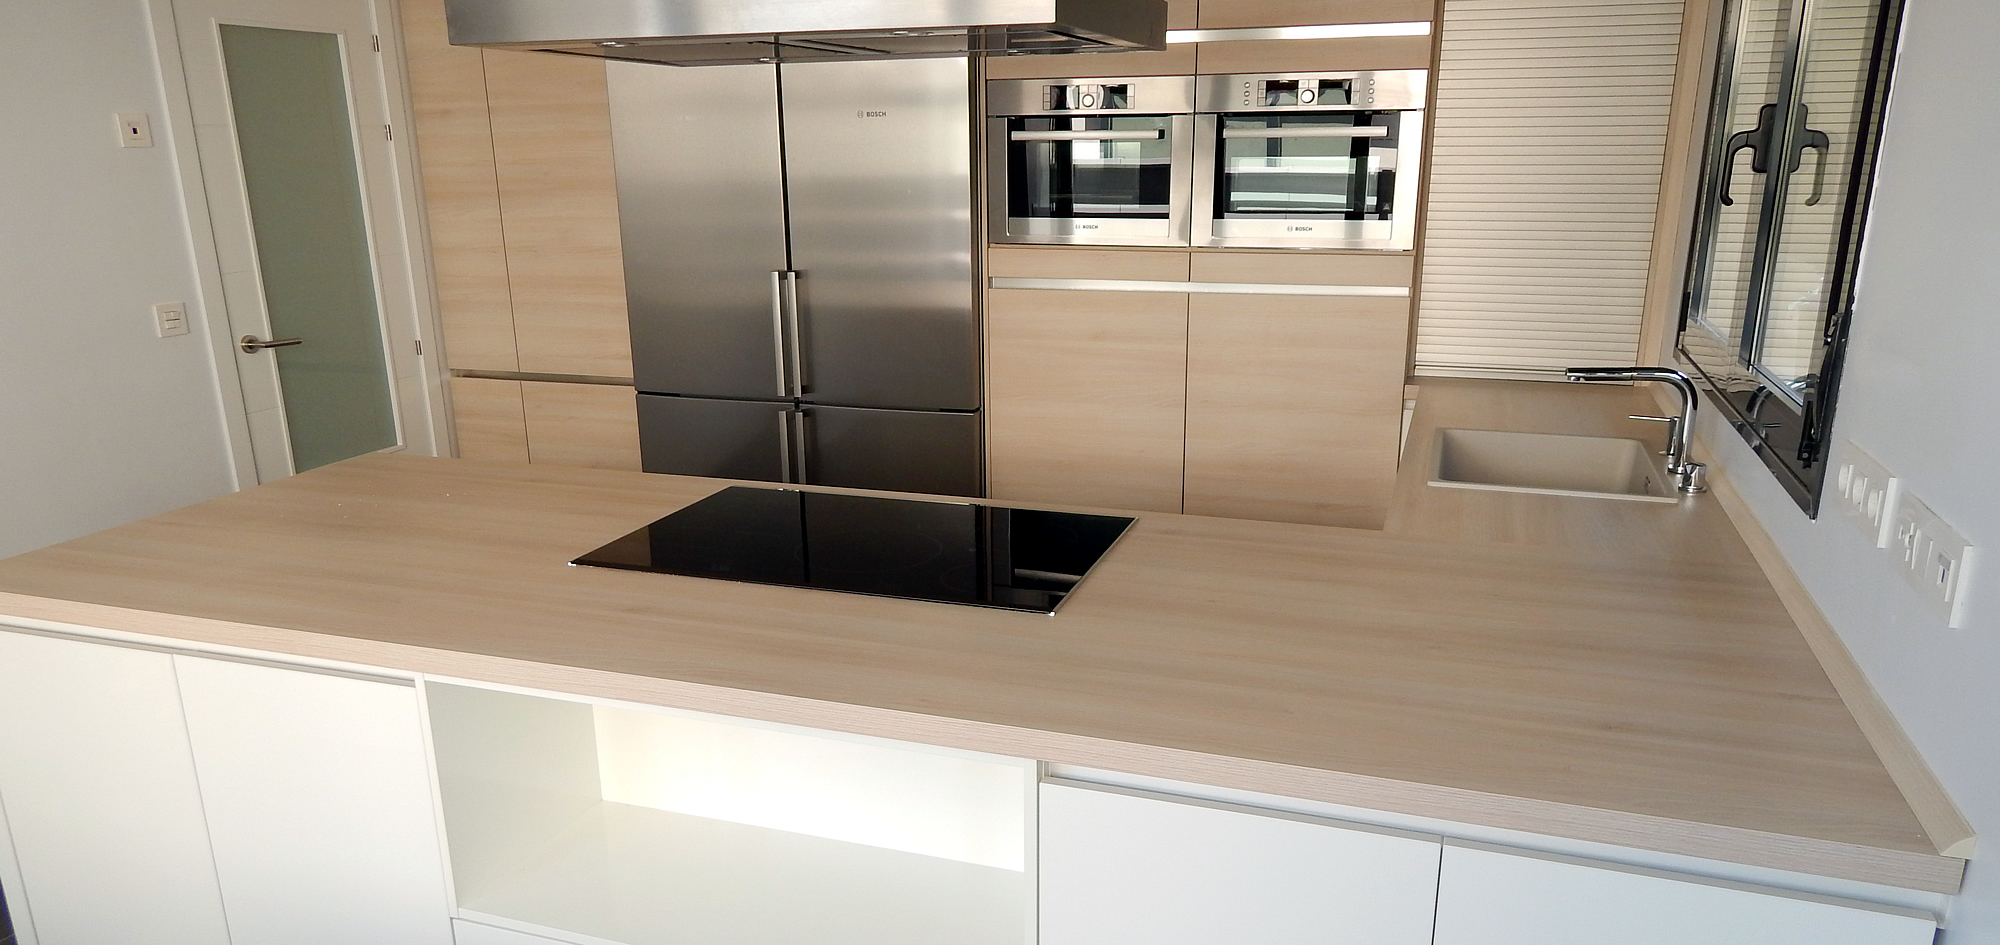 Muebles de cocina blanco alto brillo for Muebles de cocina hipercosa